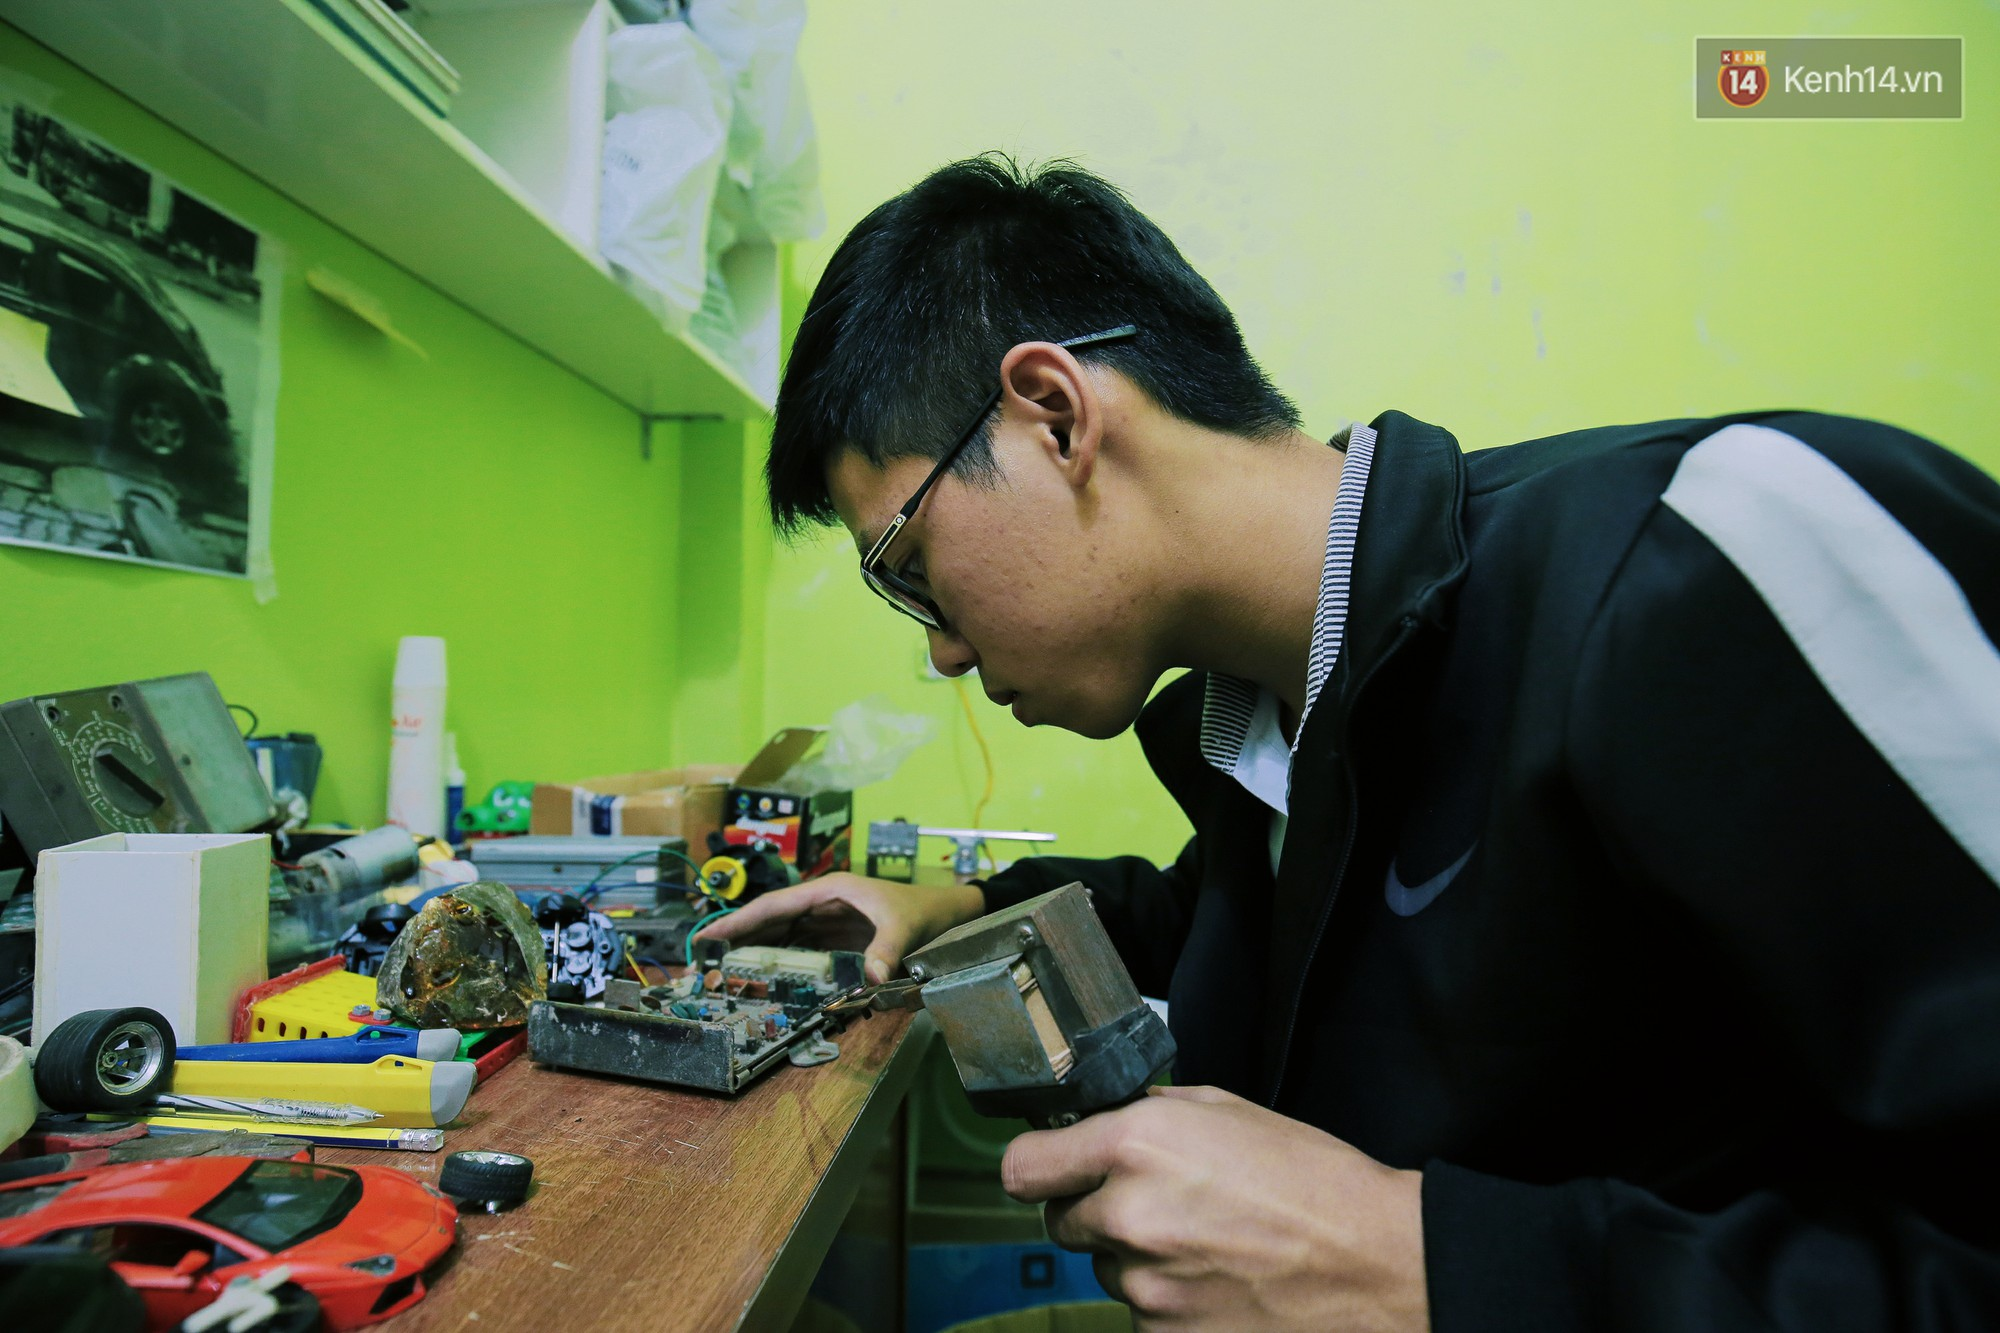 Học sinh lớp 11 Nam Định tự tay chế tạo ô tô điện sạc bằng năng lượng mặt trời: Xe lội nước thoải mái, ai cũng lái được! - Ảnh 6.